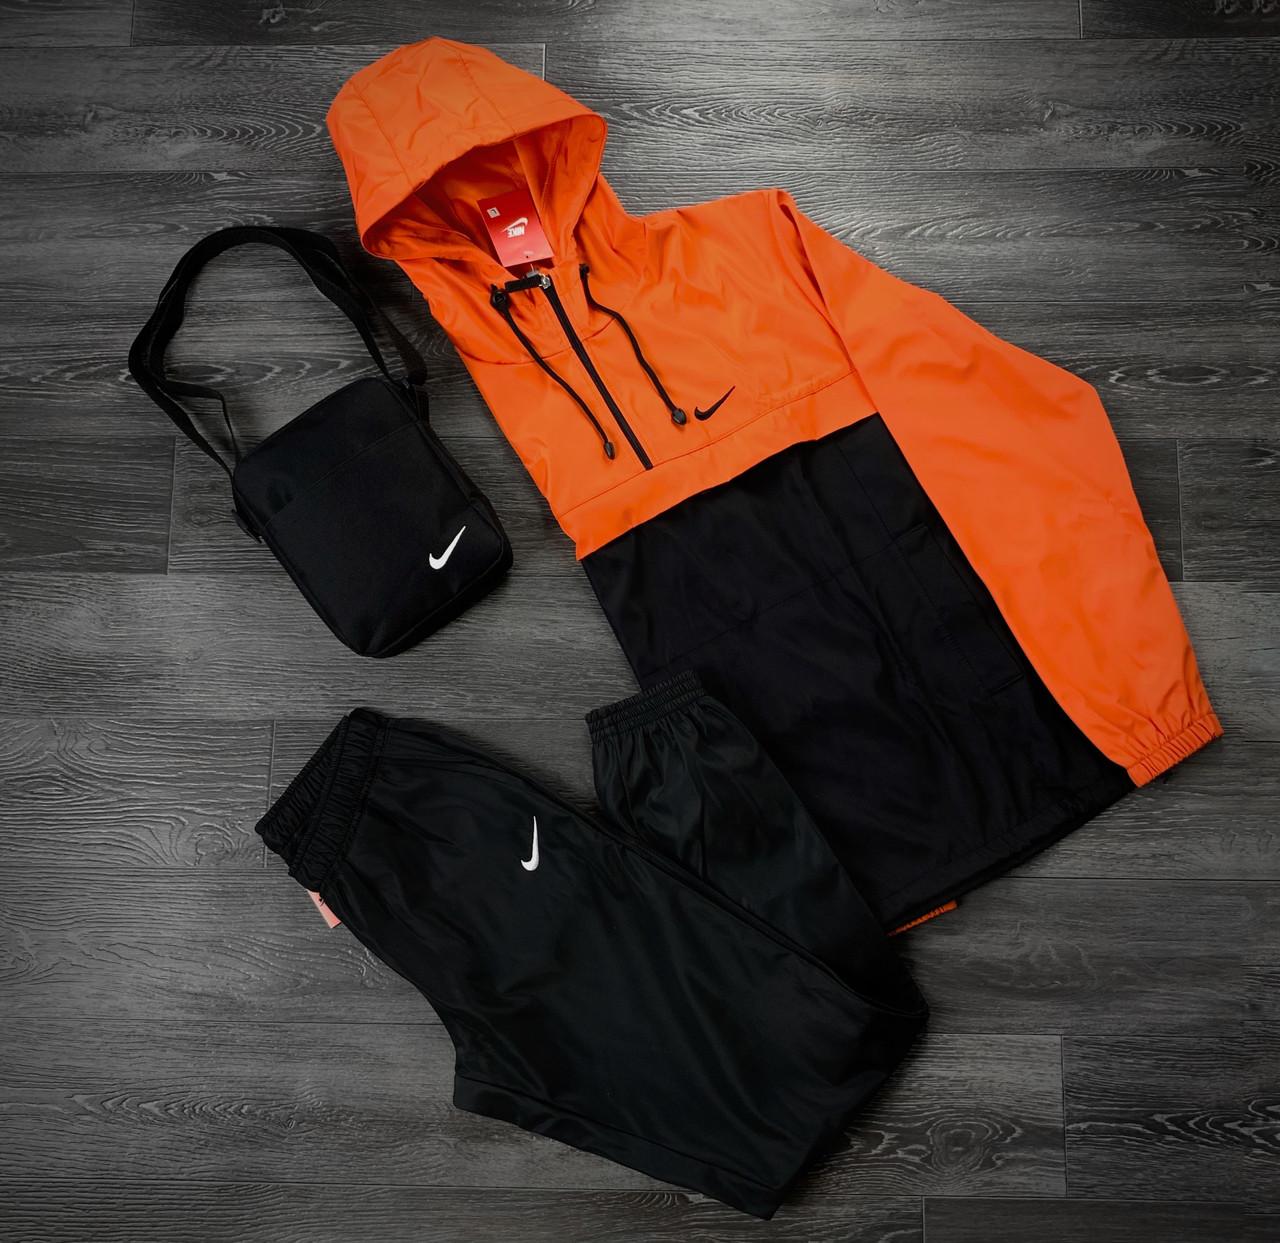 Спортивный костюм мужской Найк, Nike черный - оранжевый. Барсетка в Подарок Анорак + Штаны комплект